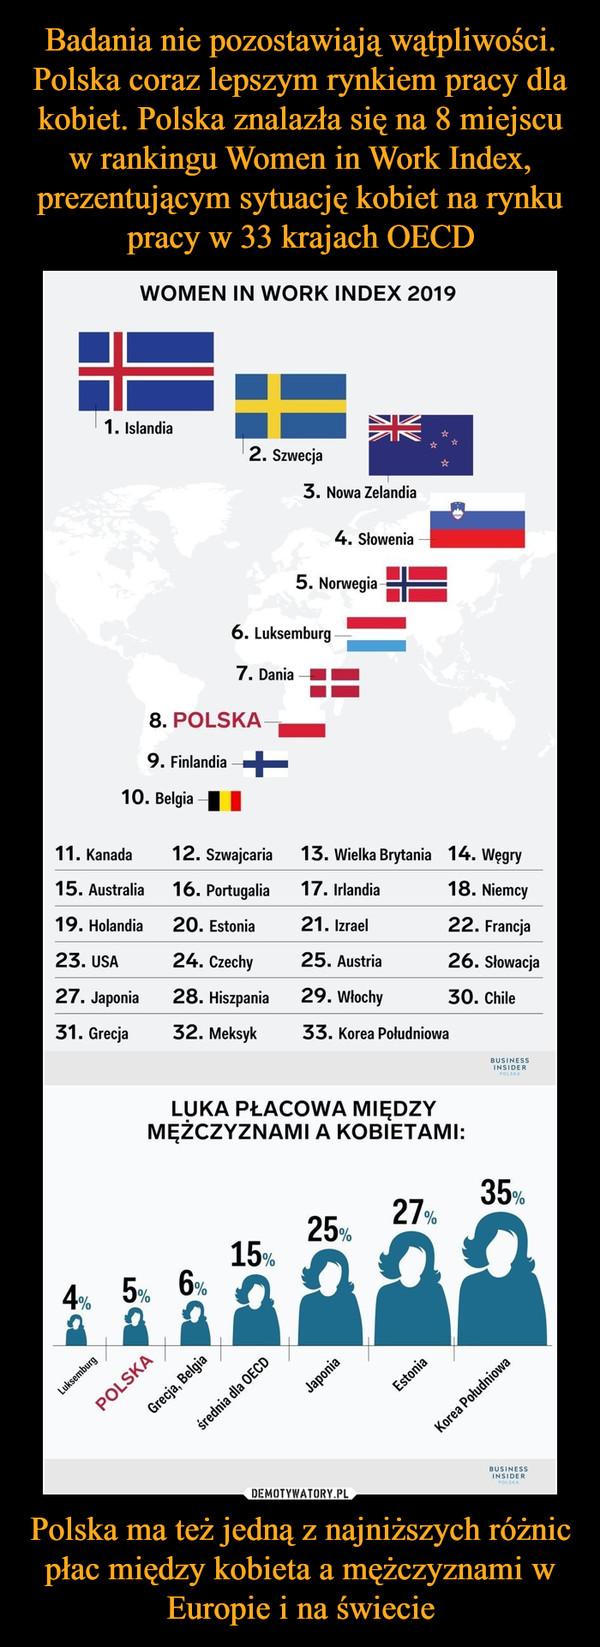 Polska ma też jedną z najniższych różnic płac między kobieta a mężczyznami w Europie i na świecie –  Badania nie pozostawiają wątpliwości.Polska coraz lepszym rynkiem pracy dlakobiet. Polska znalazła się na 8 miejscuw rankingu Women in Work Index,prezentujacym sytuacje kobiet na rynkupracy w 33 krajach OECDWOMEN IN WORK INDEX 20191. Islandia2. Szwecja3. Nowa Zelandia4. Słowenia5. Norwegia6. Luksemburg7. Dania8. POLSKA9. Finlandia10. BelgiaI11. Kanada15. Australia19. Holandia23. USA27. Japonia31. Grecja12. Szwajcaria16. Portugalia20. Estonia24. Czechy28. Hiszpania32. Meksyk13. Wielka Brytania 14. Wegry17. Irlandia21. Izrael25. Austria29. Włochy33. Korea Poludniowa18. Niemcy22. Francia26. Słowacja30. ChileLUKA PŁACOWA MIĘDZYMĘZCZYZNAMI A KOBIETAMI:35,27,25,15,4,5,6, 。USINESSINSIDER